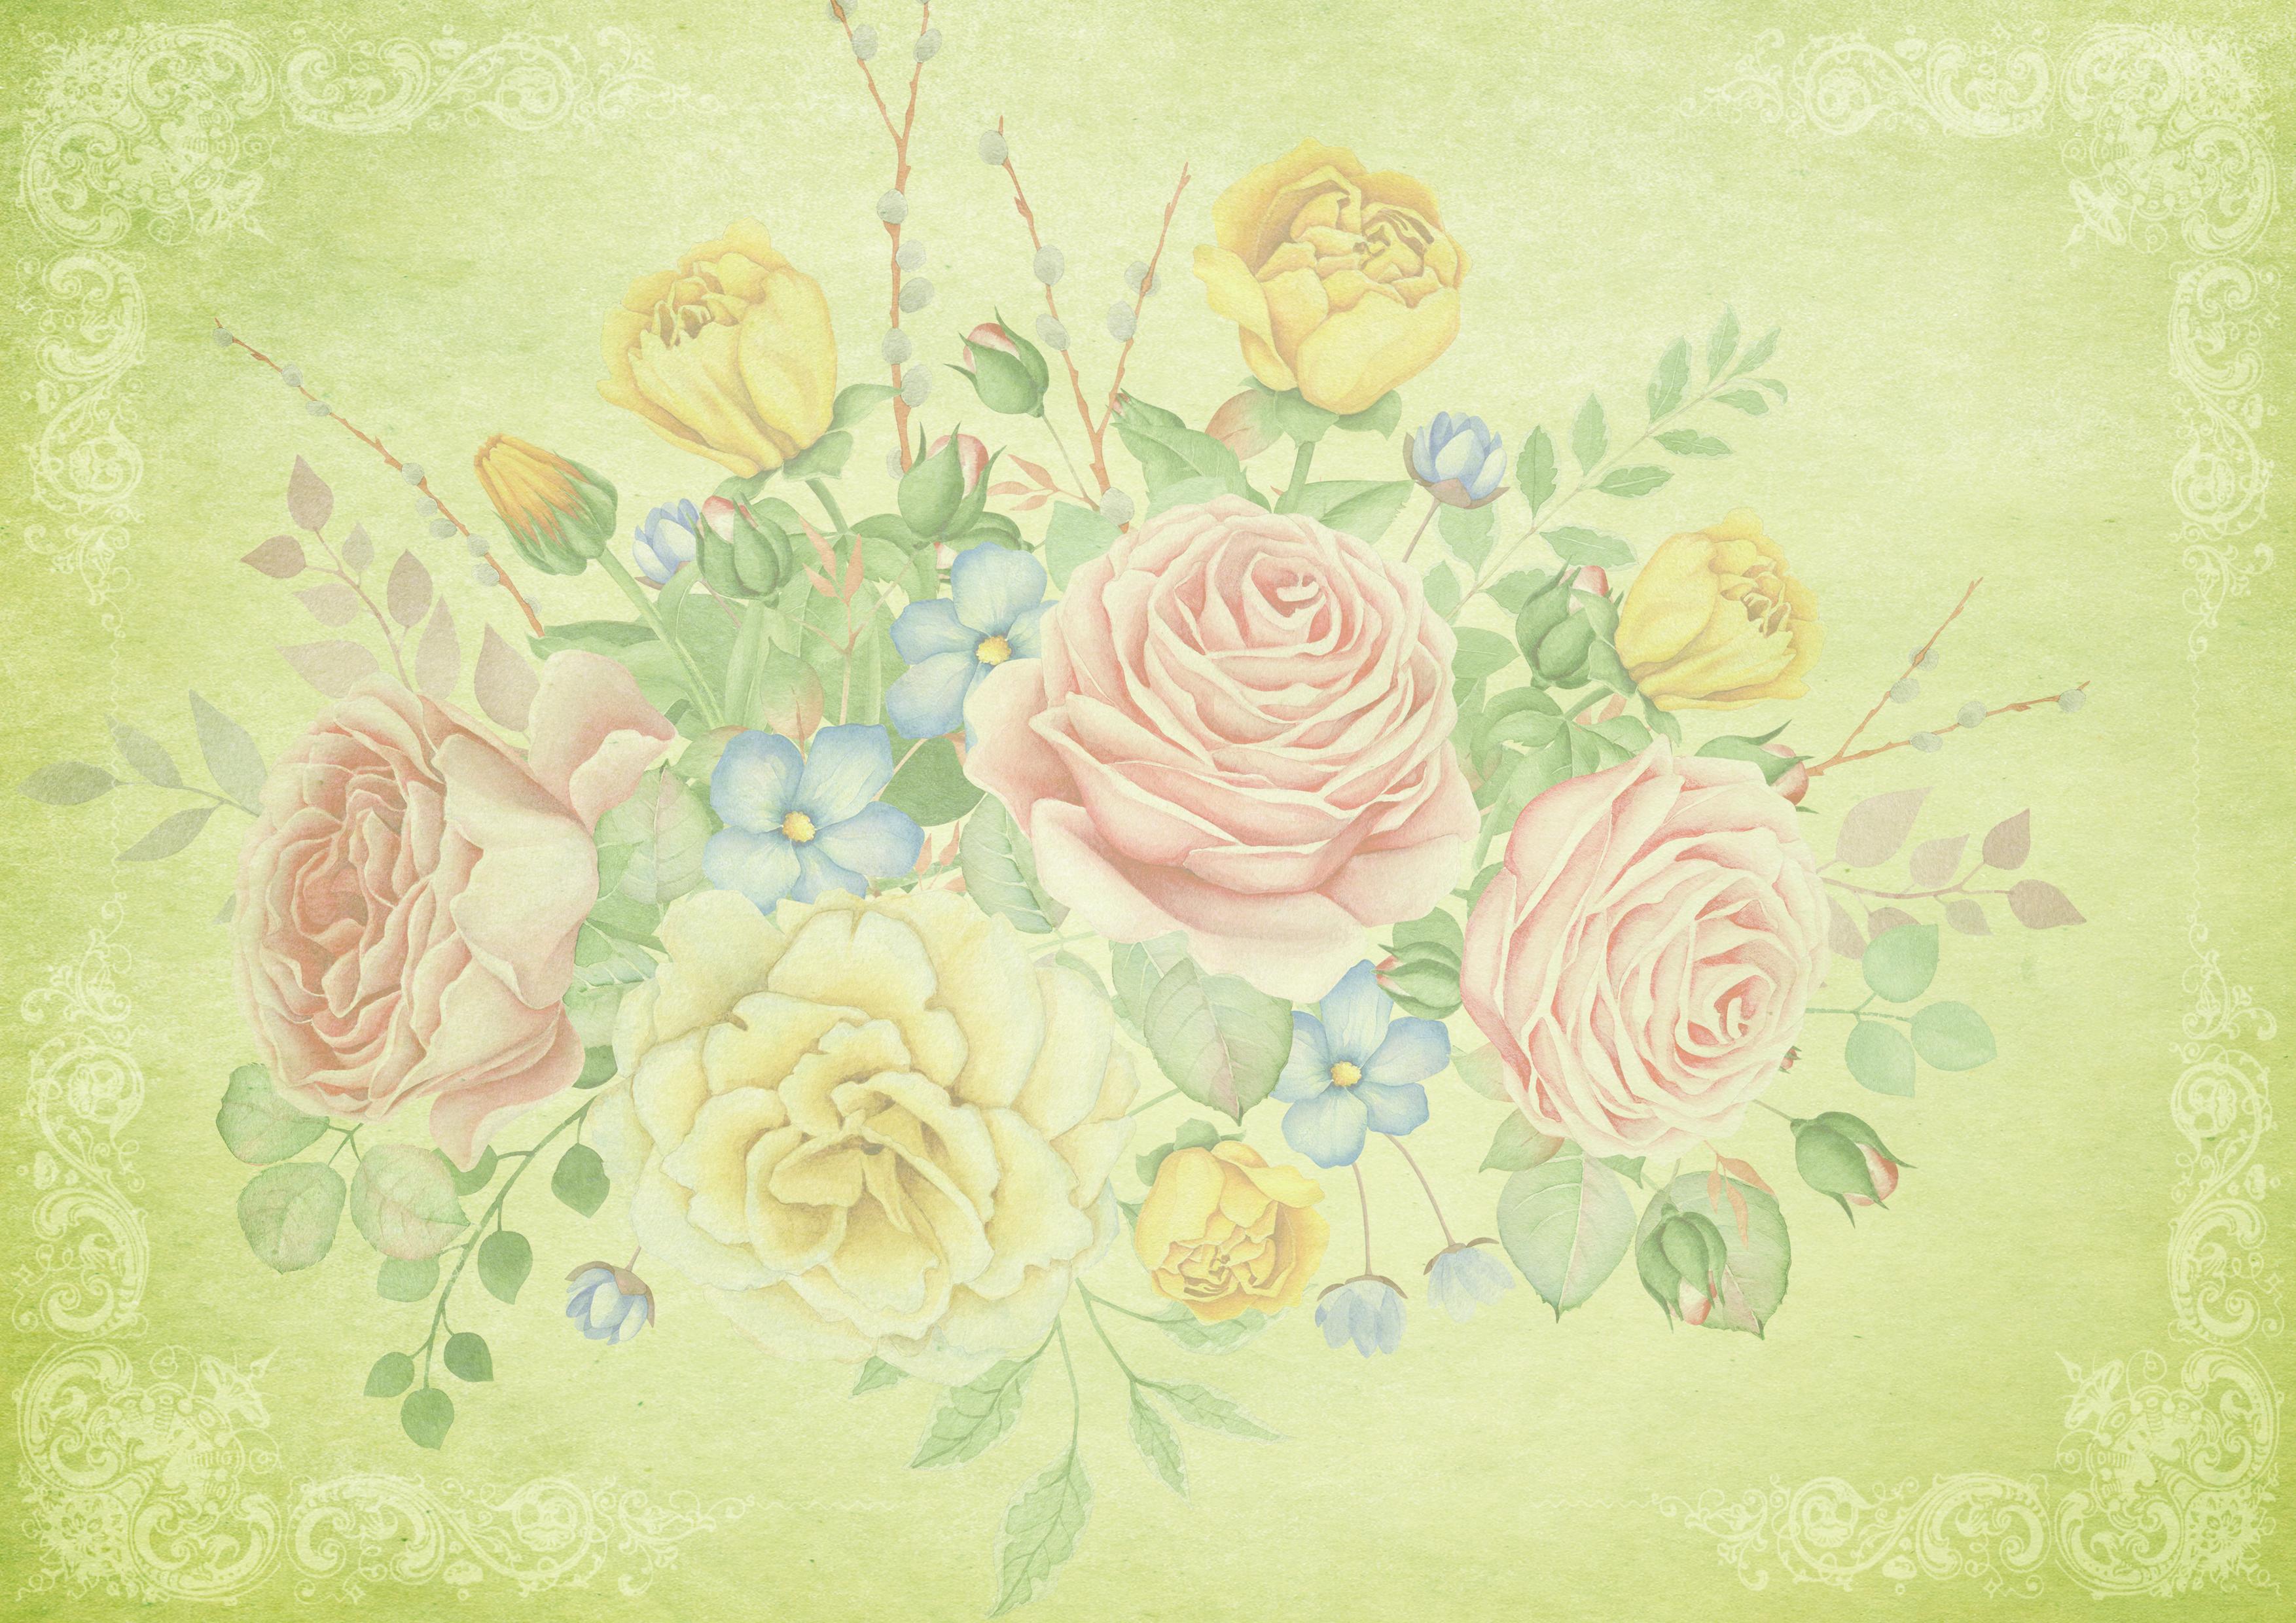 Immagini Belle Un Mazzo Di Fiori Rose Ornamenti Decorativo